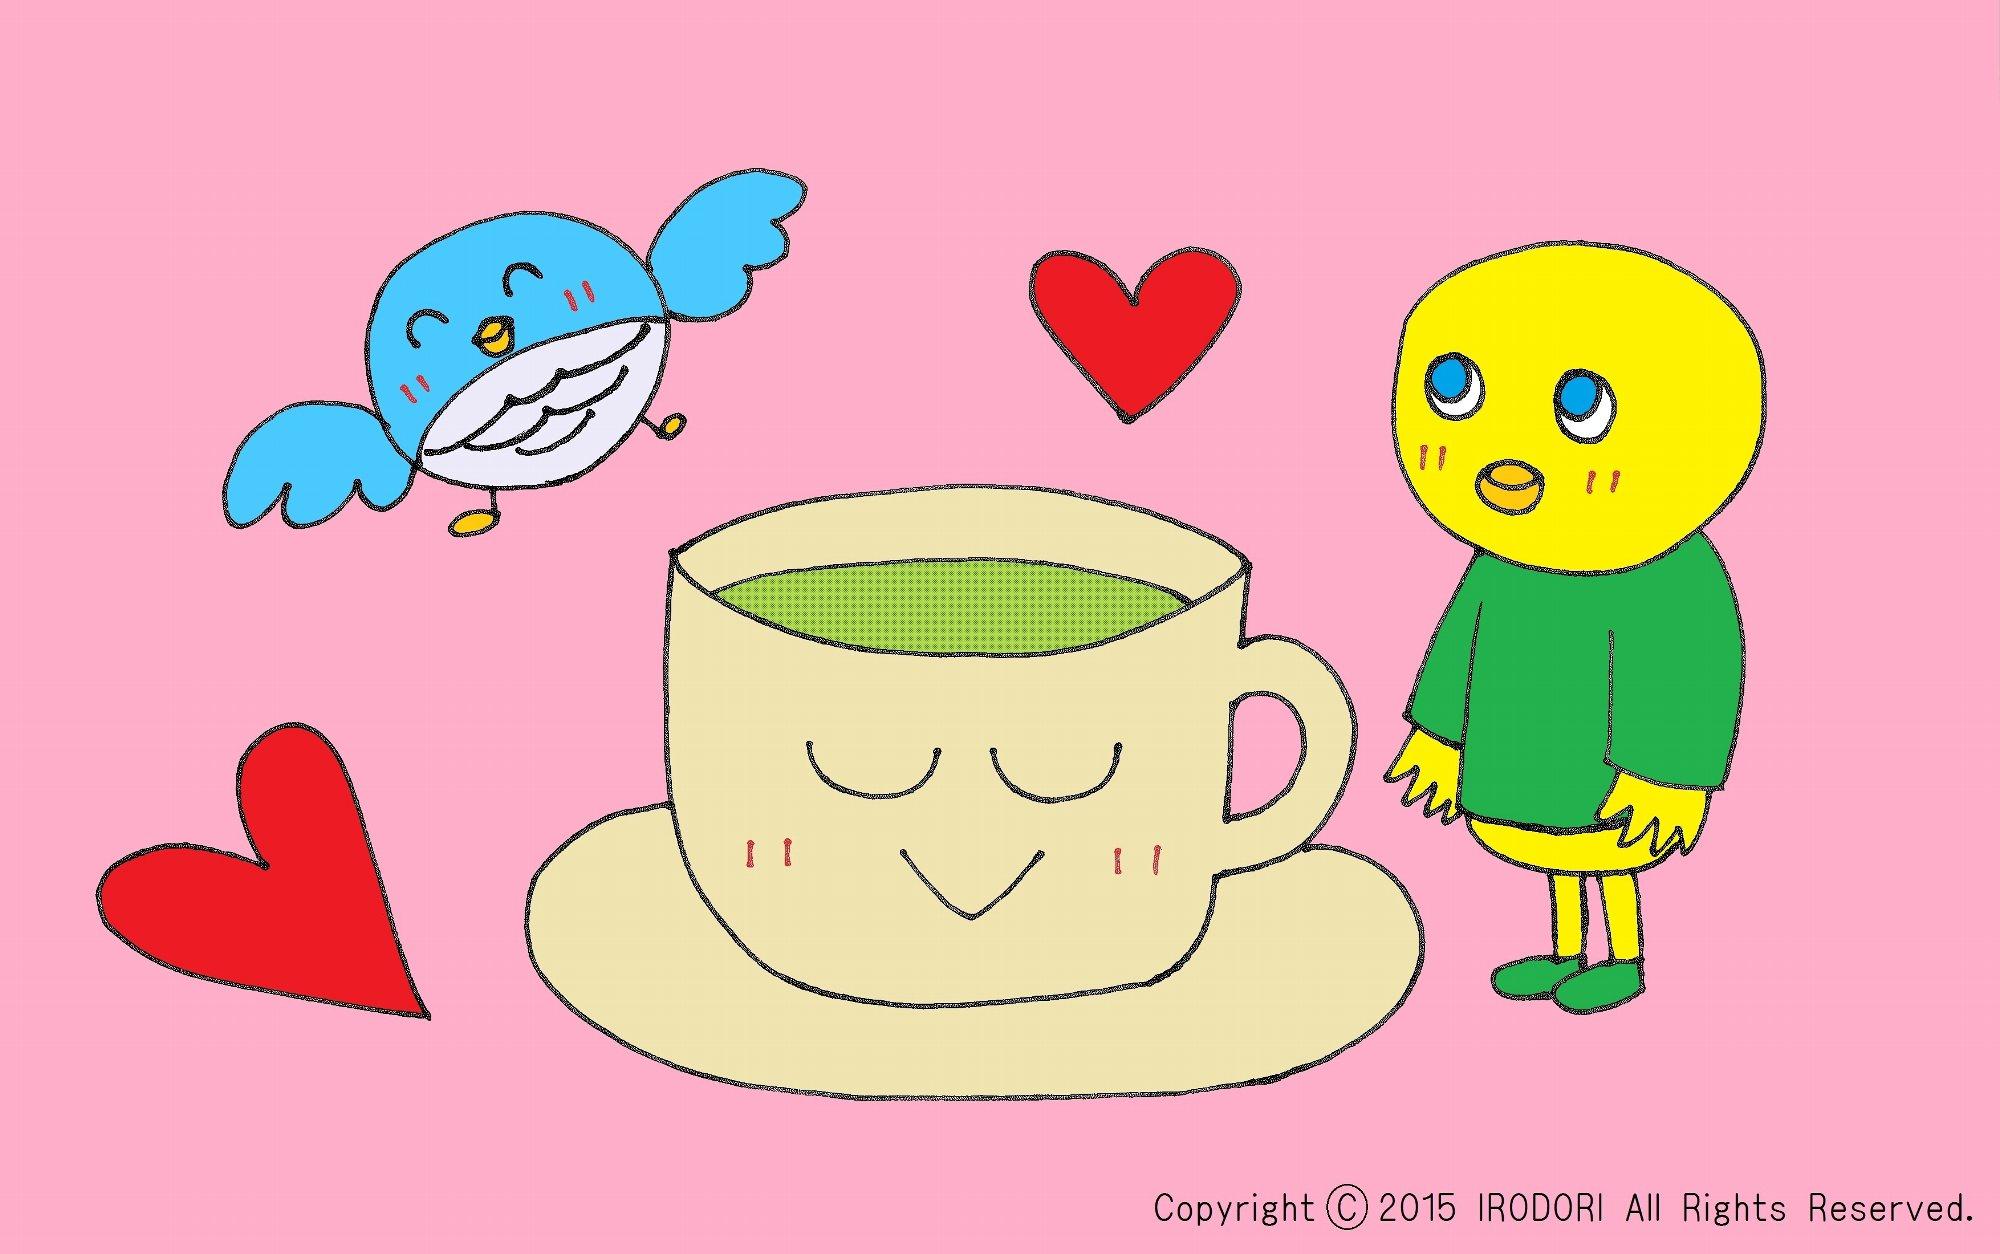 ミントの香りでリラックス<br>~梅雨のイライラを癒すミント緑茶~